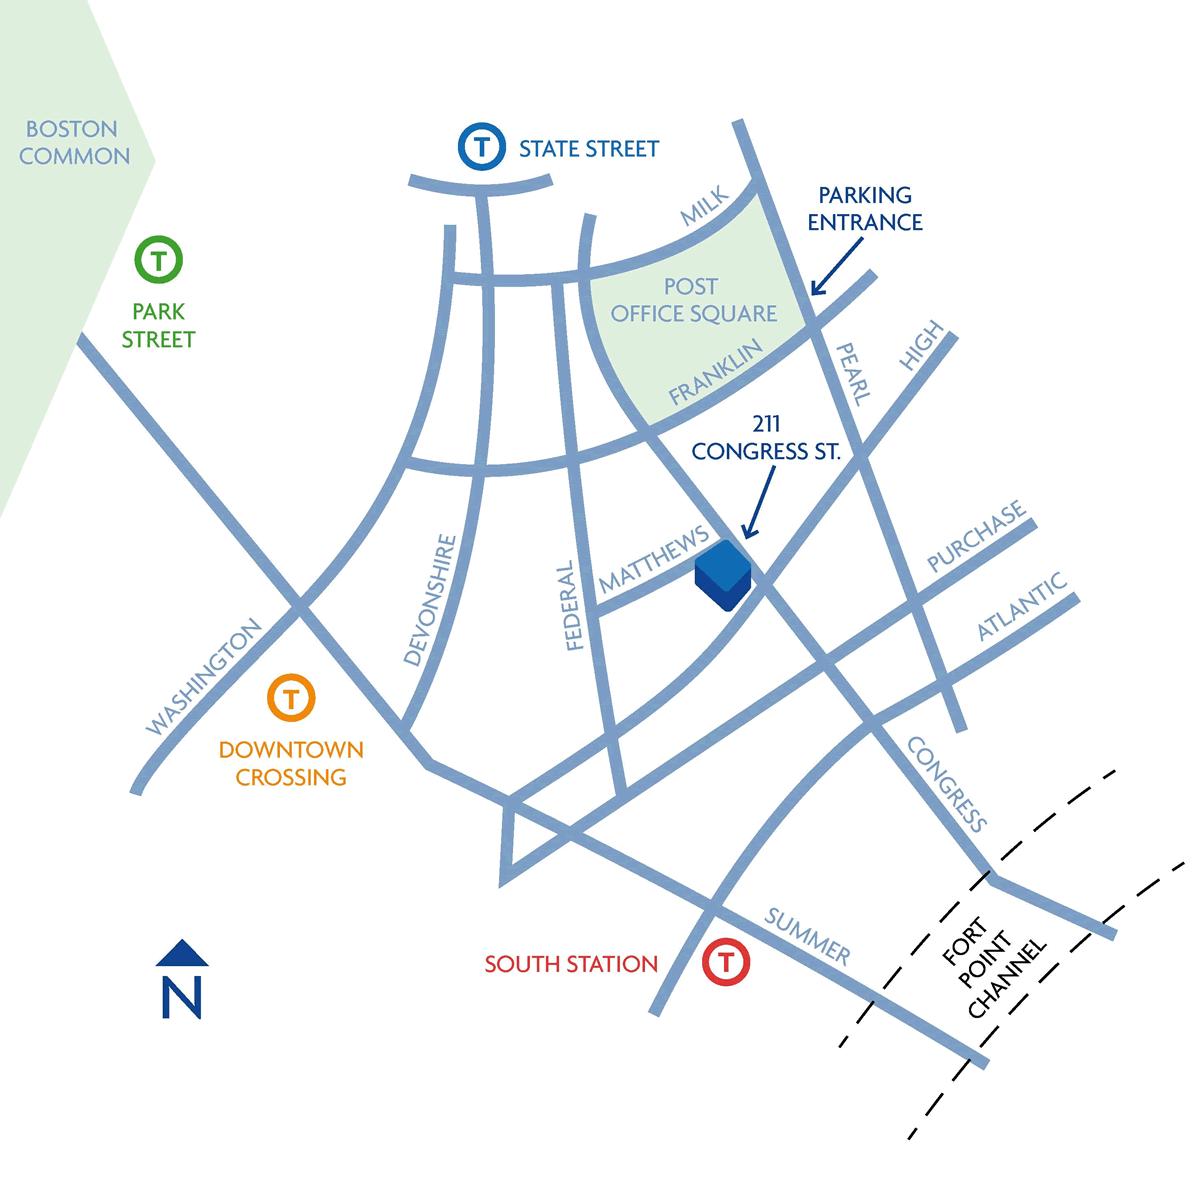 L.A. Fuess Boston Map